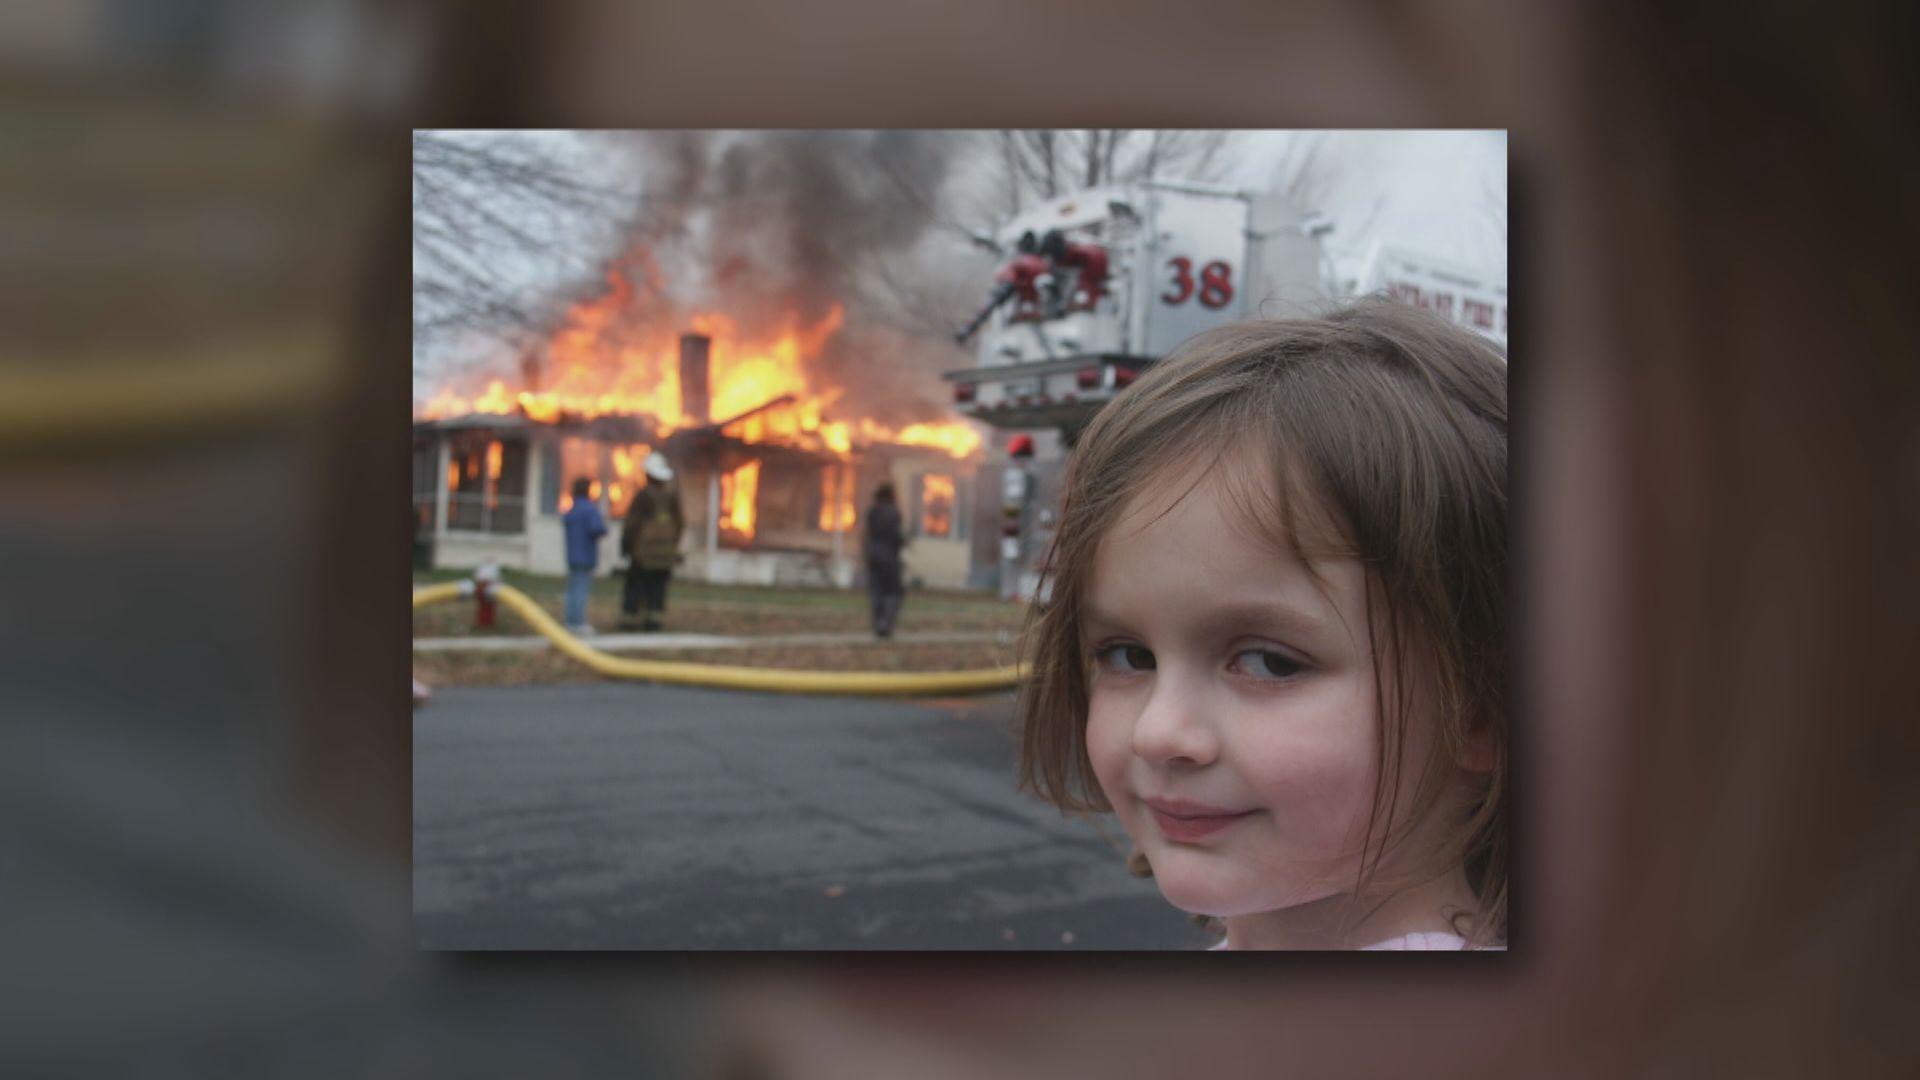 【環球薈報】迷因圖「災難女童」原圖拍賣 近50萬美元成交